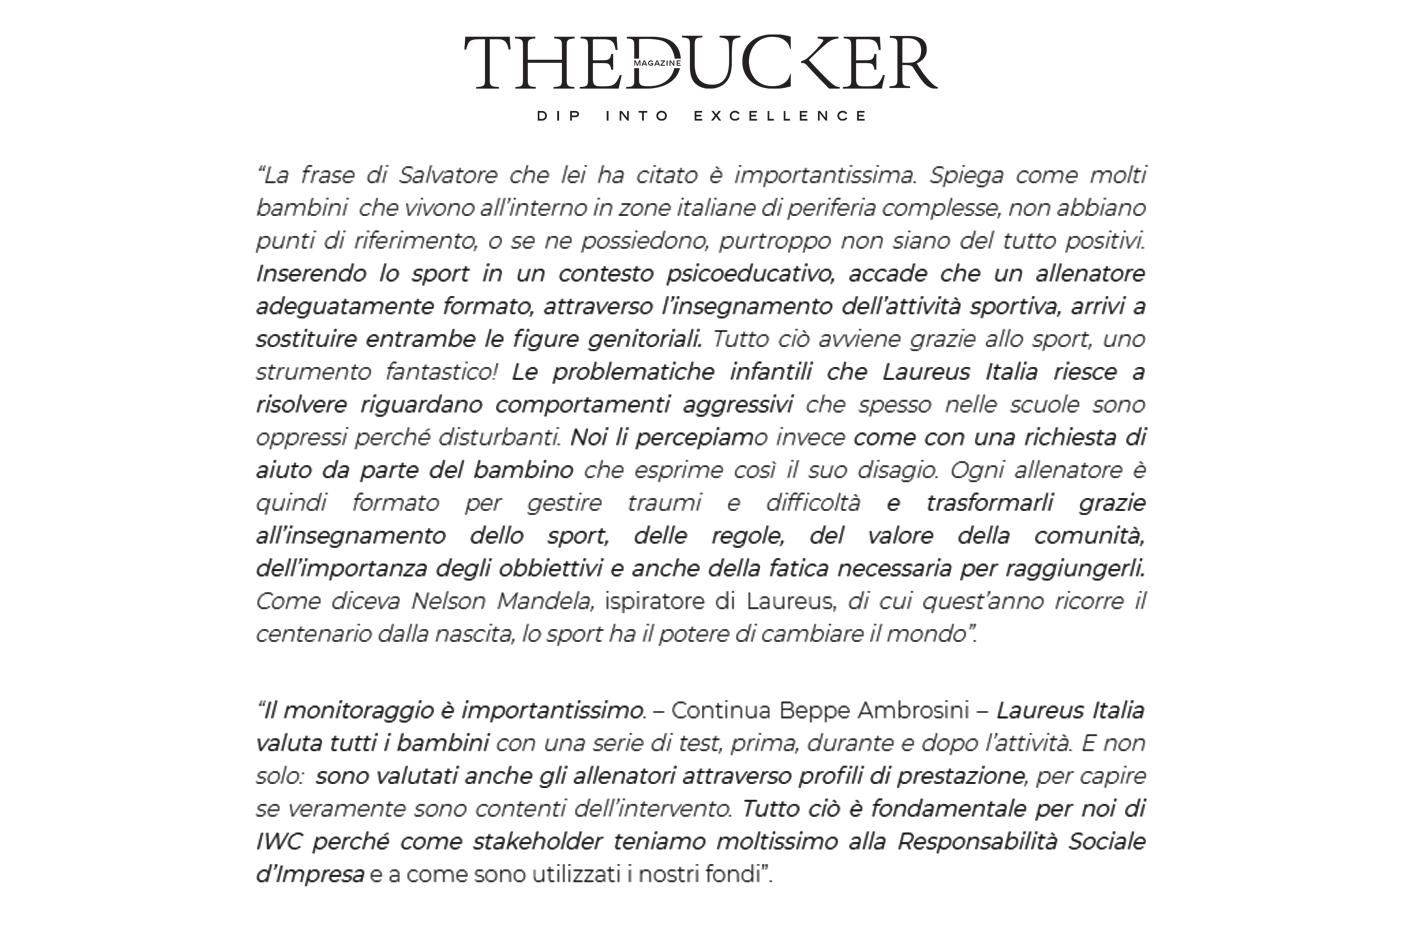 24_07_2018_THE-DUCKER_4